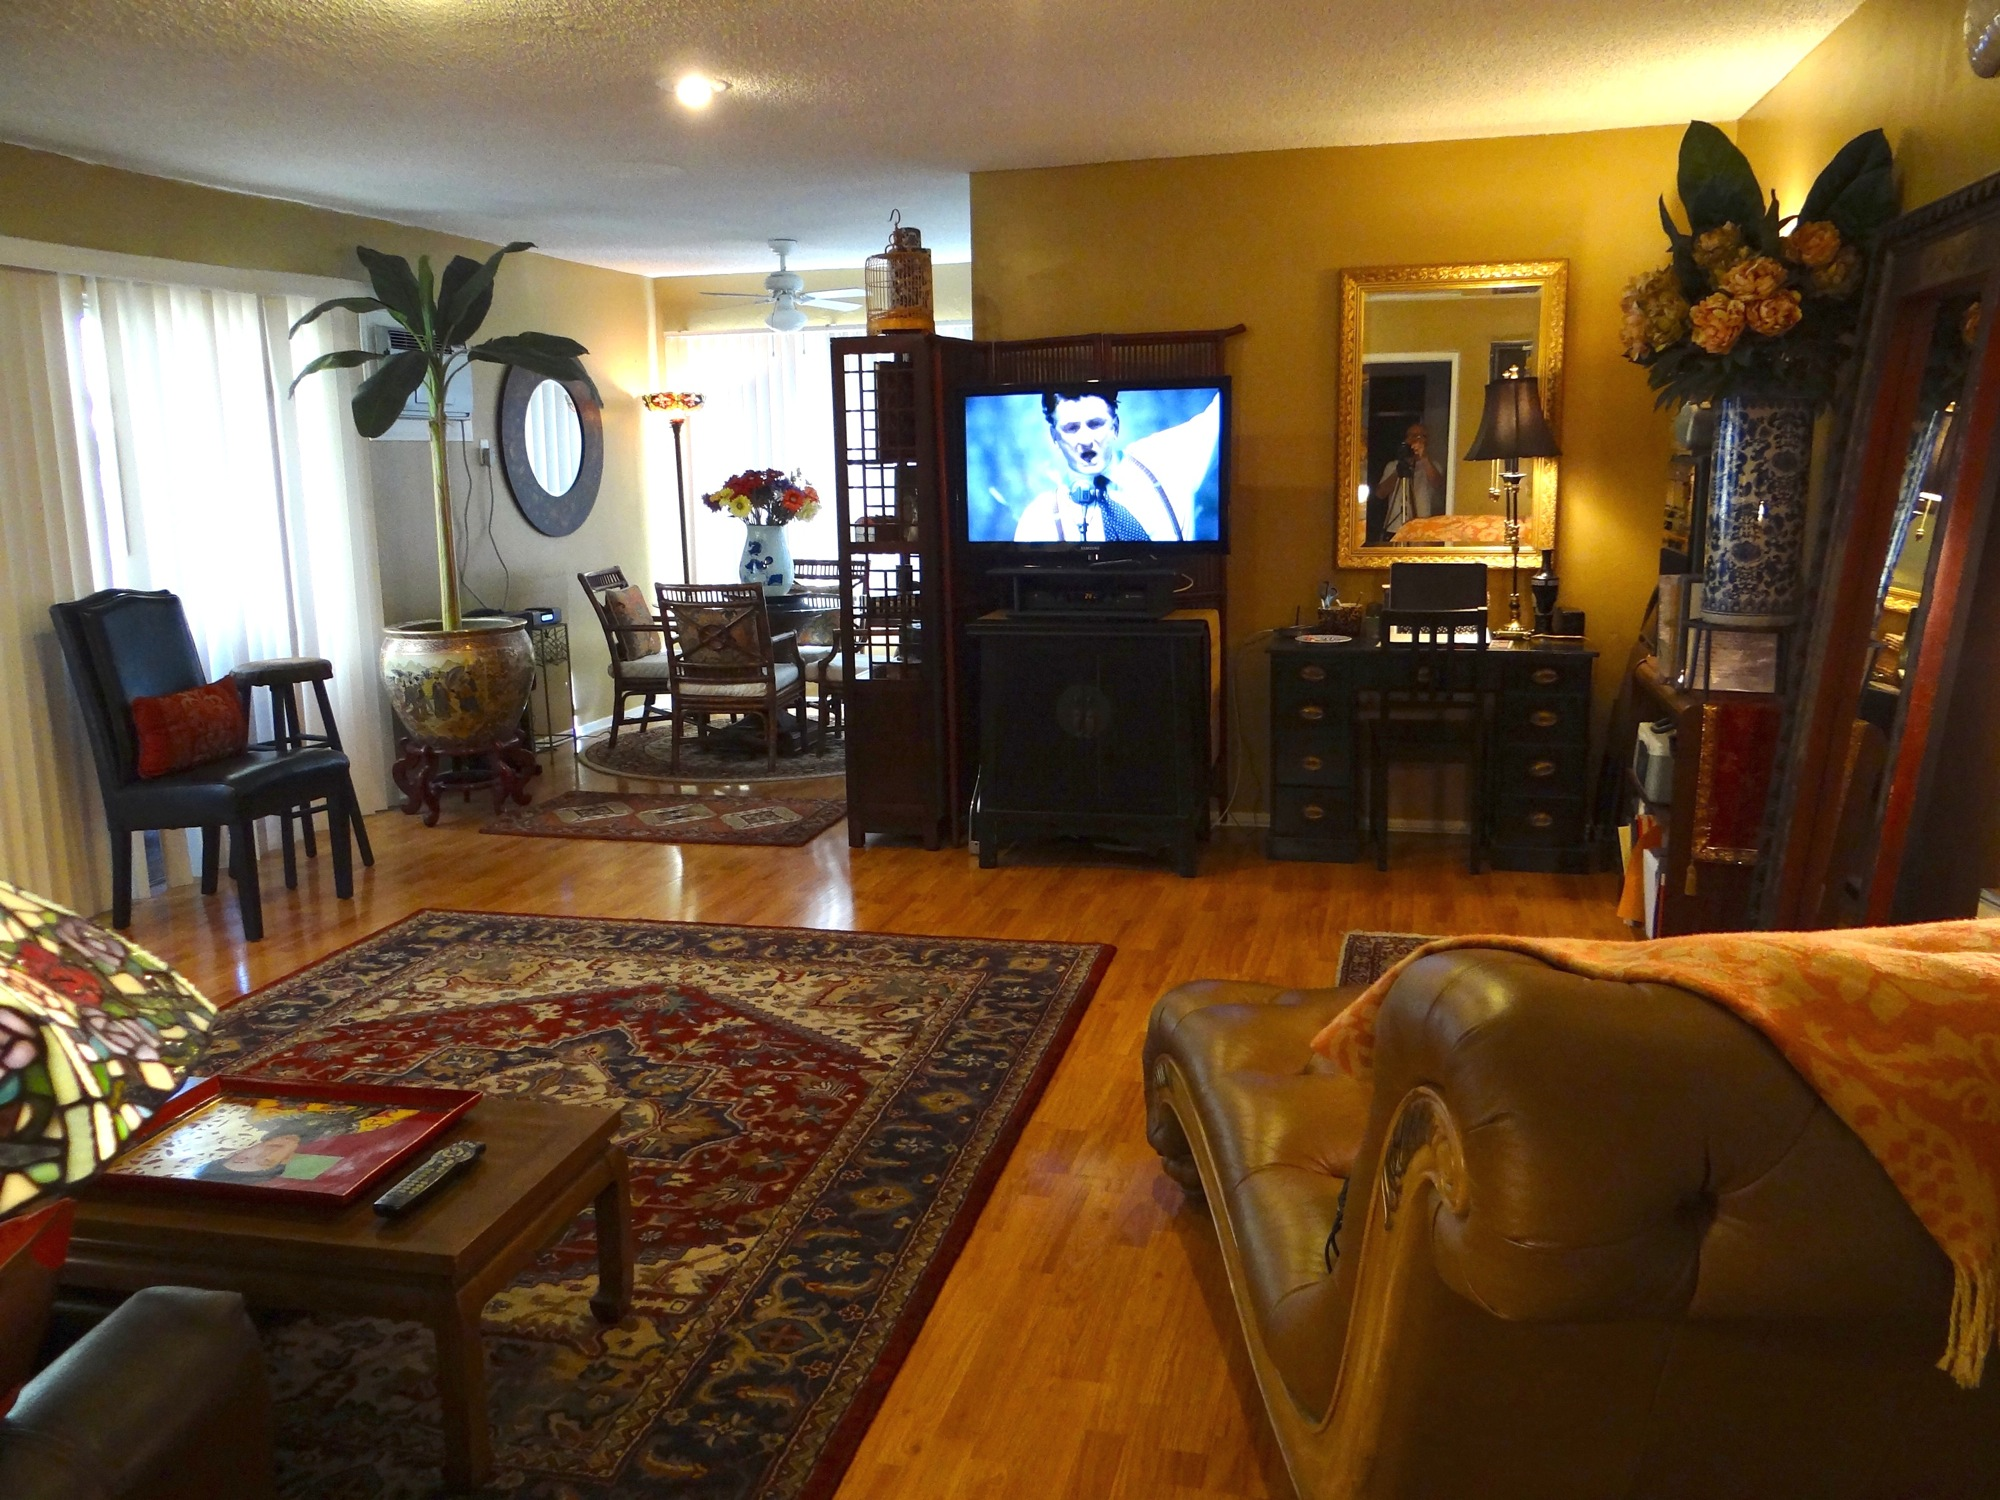 1 Bedroom Hollywood Hills Apartment 1 – 5 guests JPL Vacation Rentals